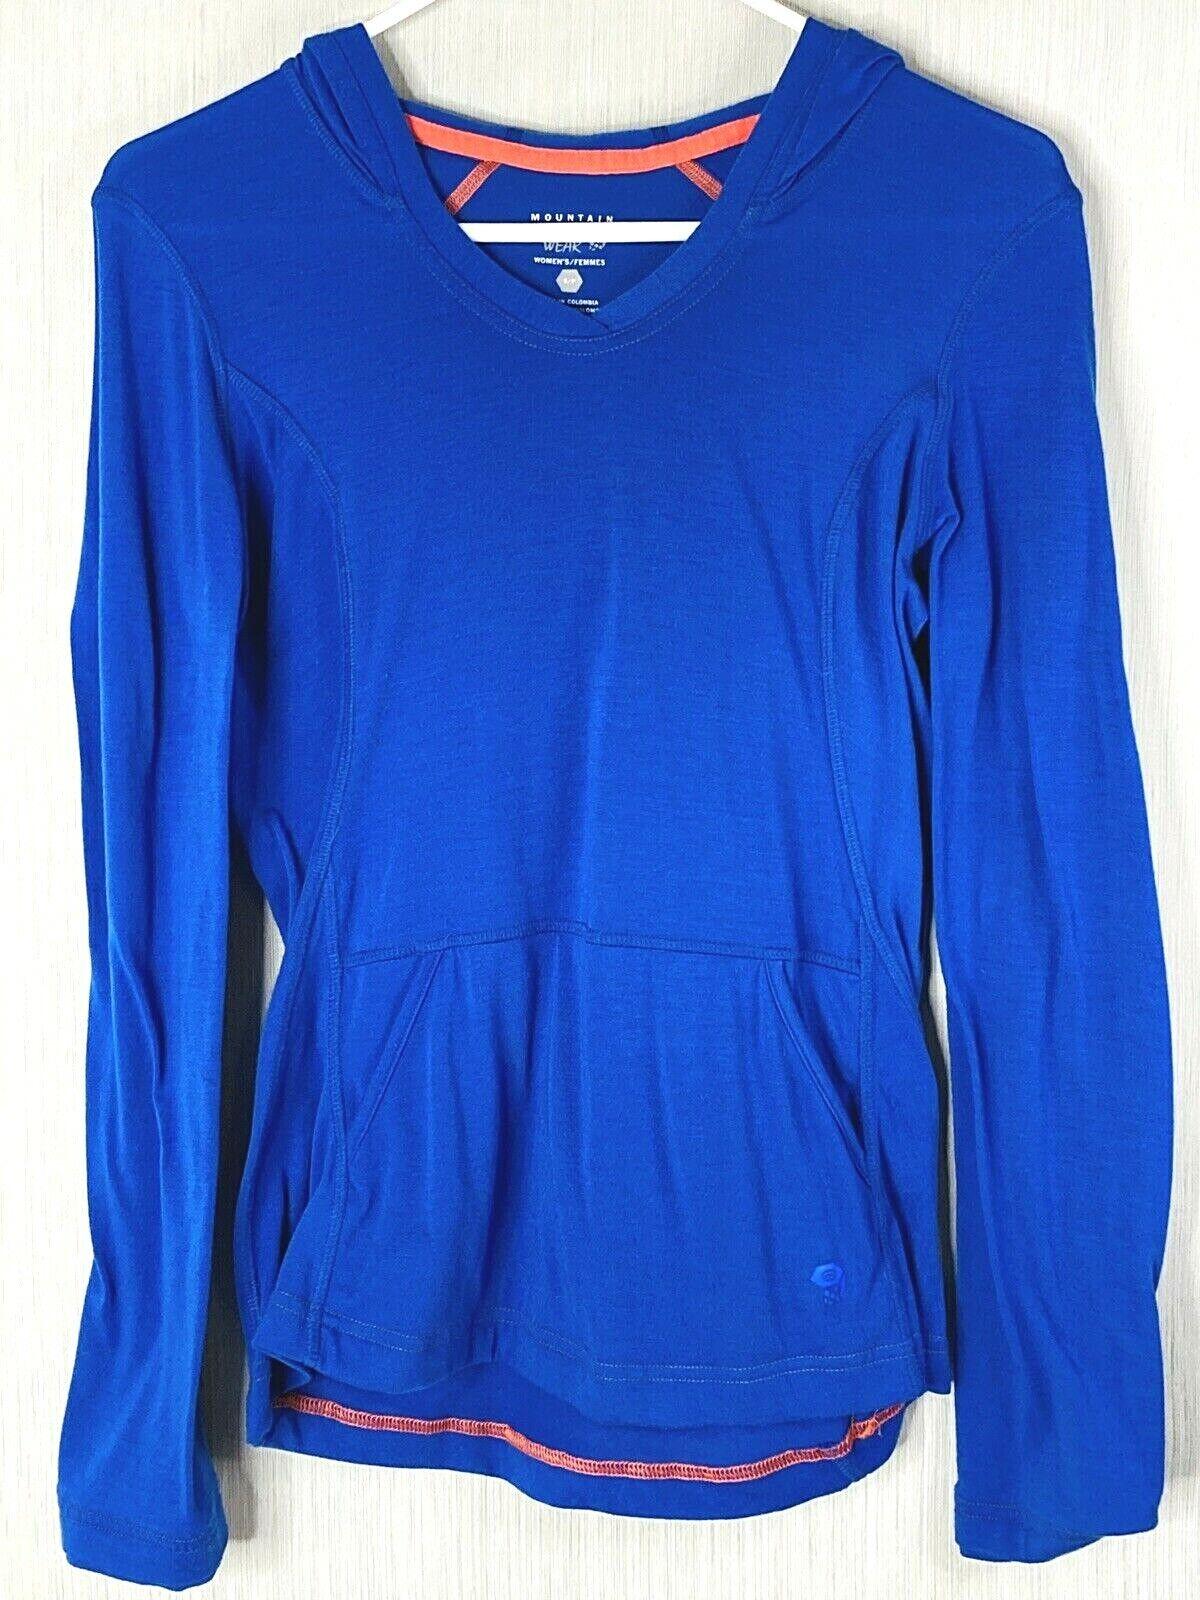 Mountain Hardwear Women's Pullover Hoodie Small Blue Sweatshirt Hoody